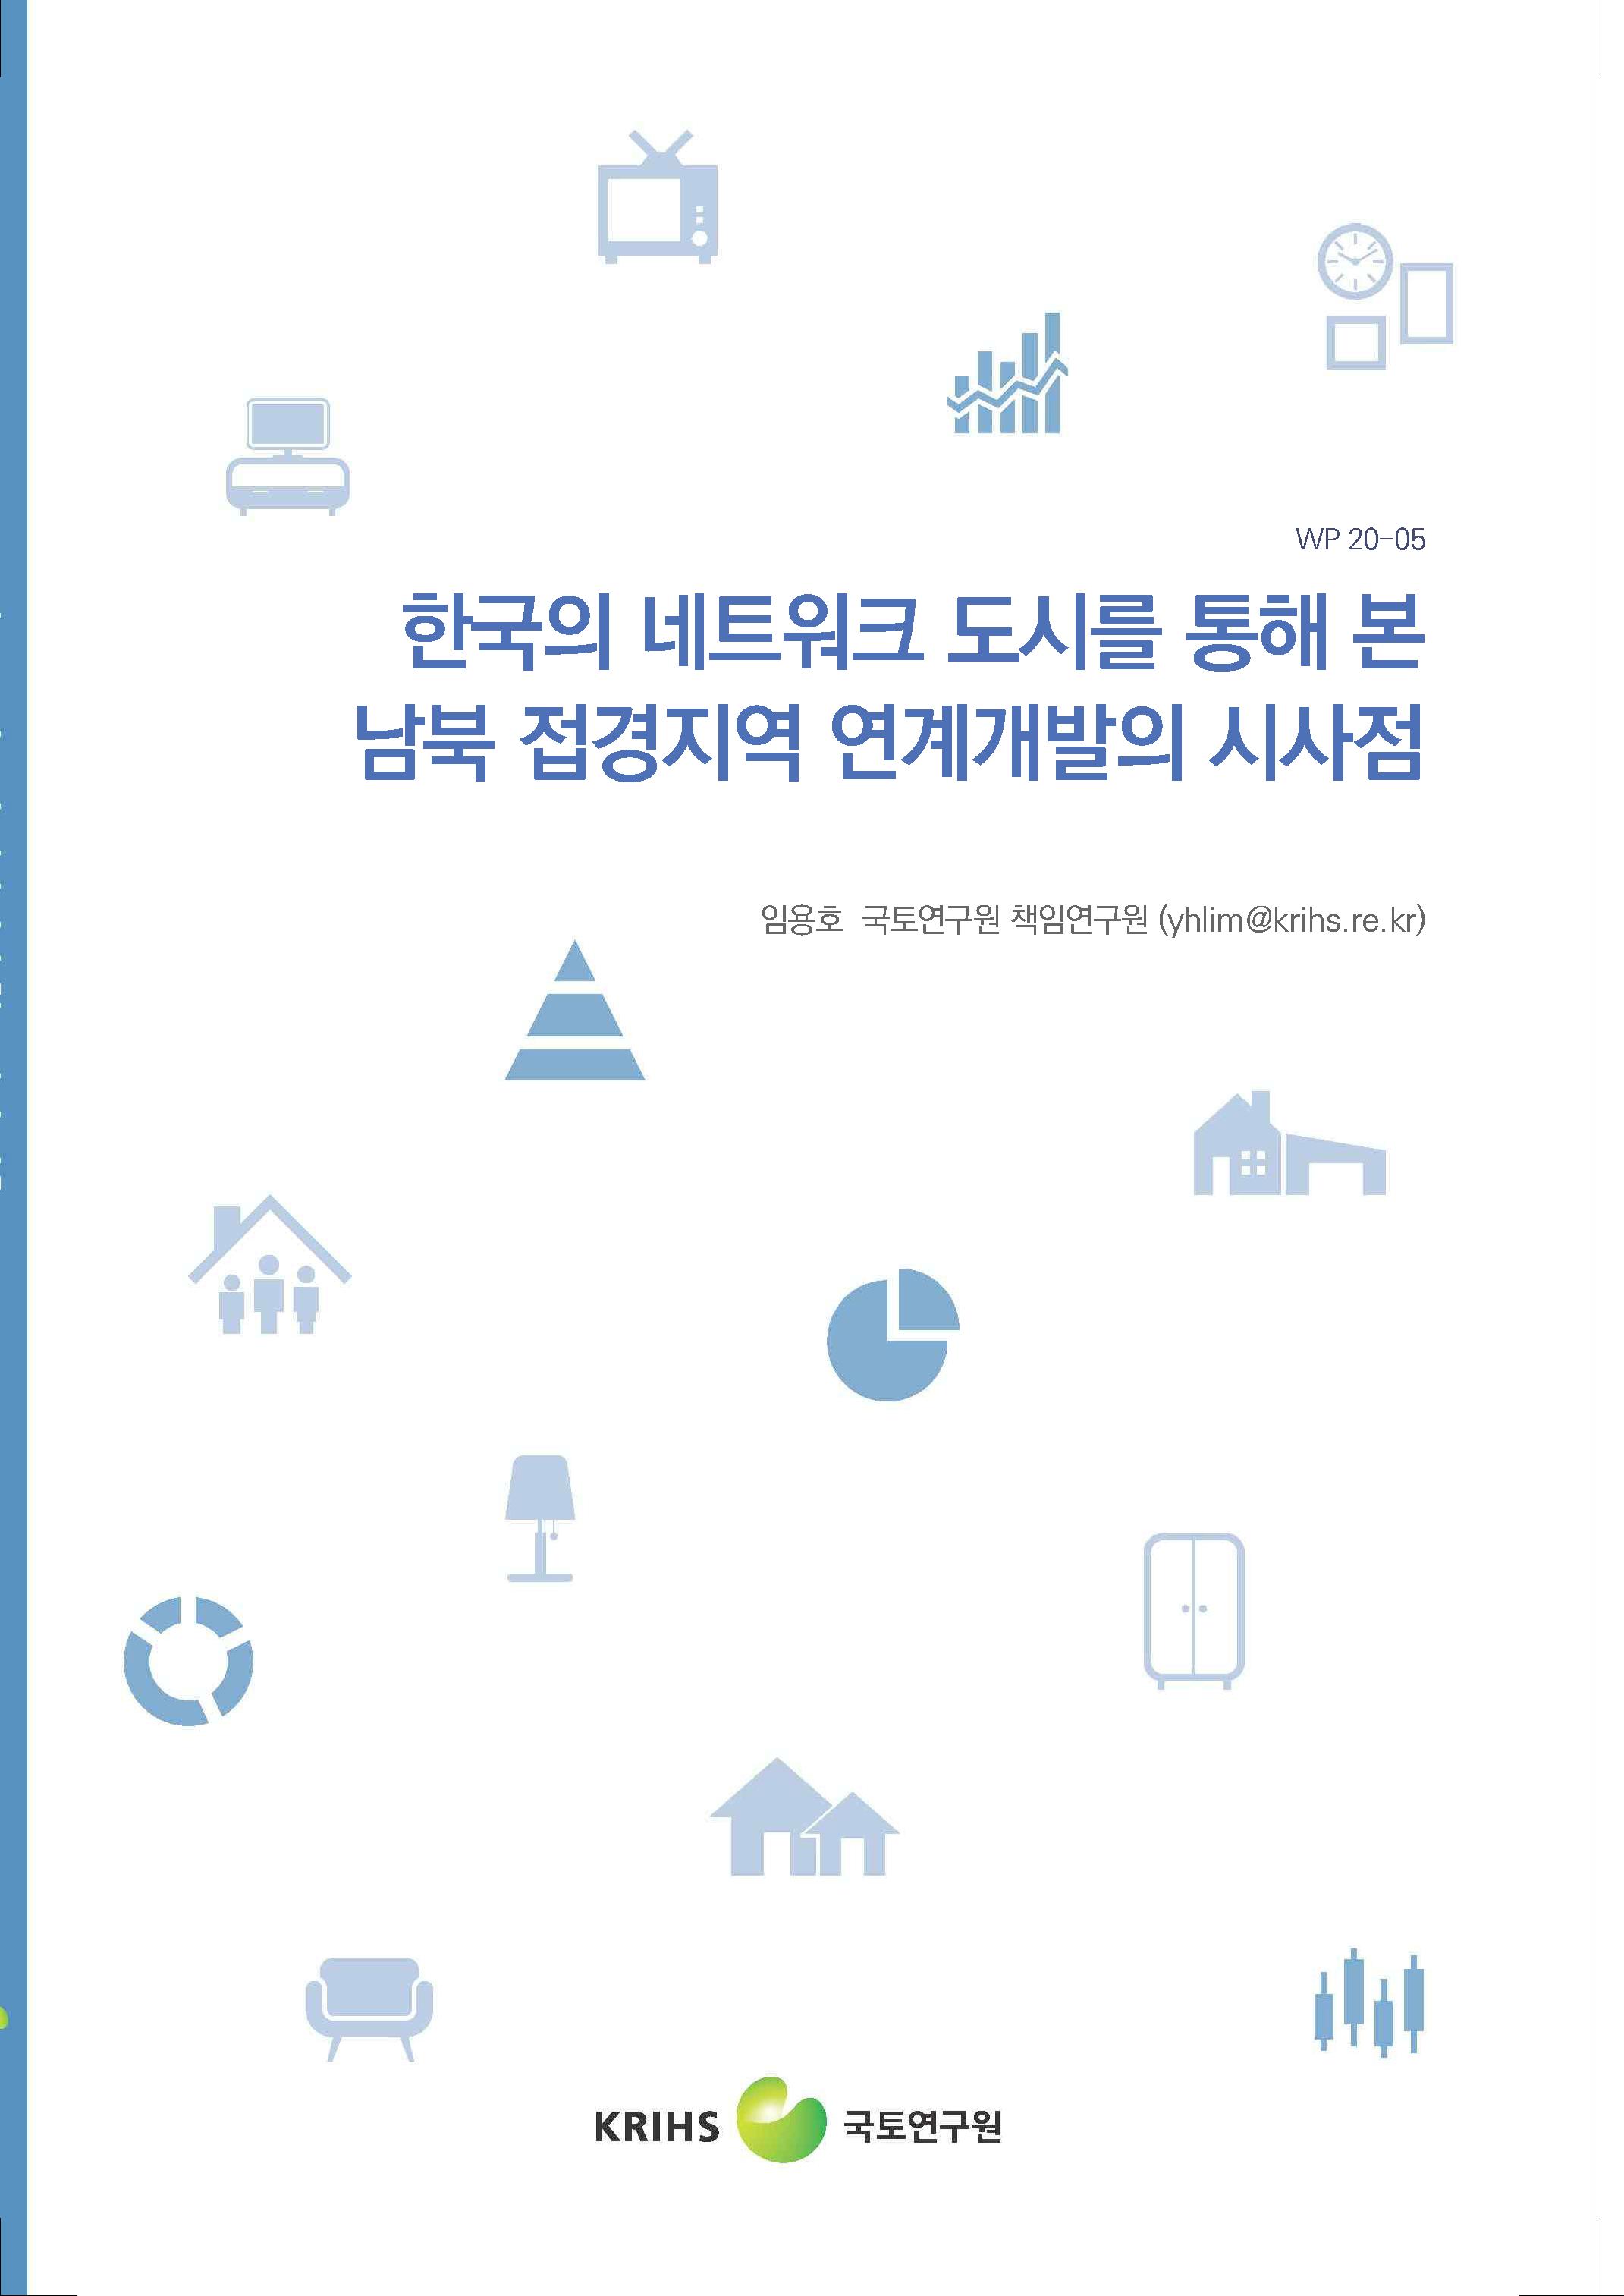 한국의 네트워크 도시를 통해 본 남북 접경지역 연계개발의 시사점